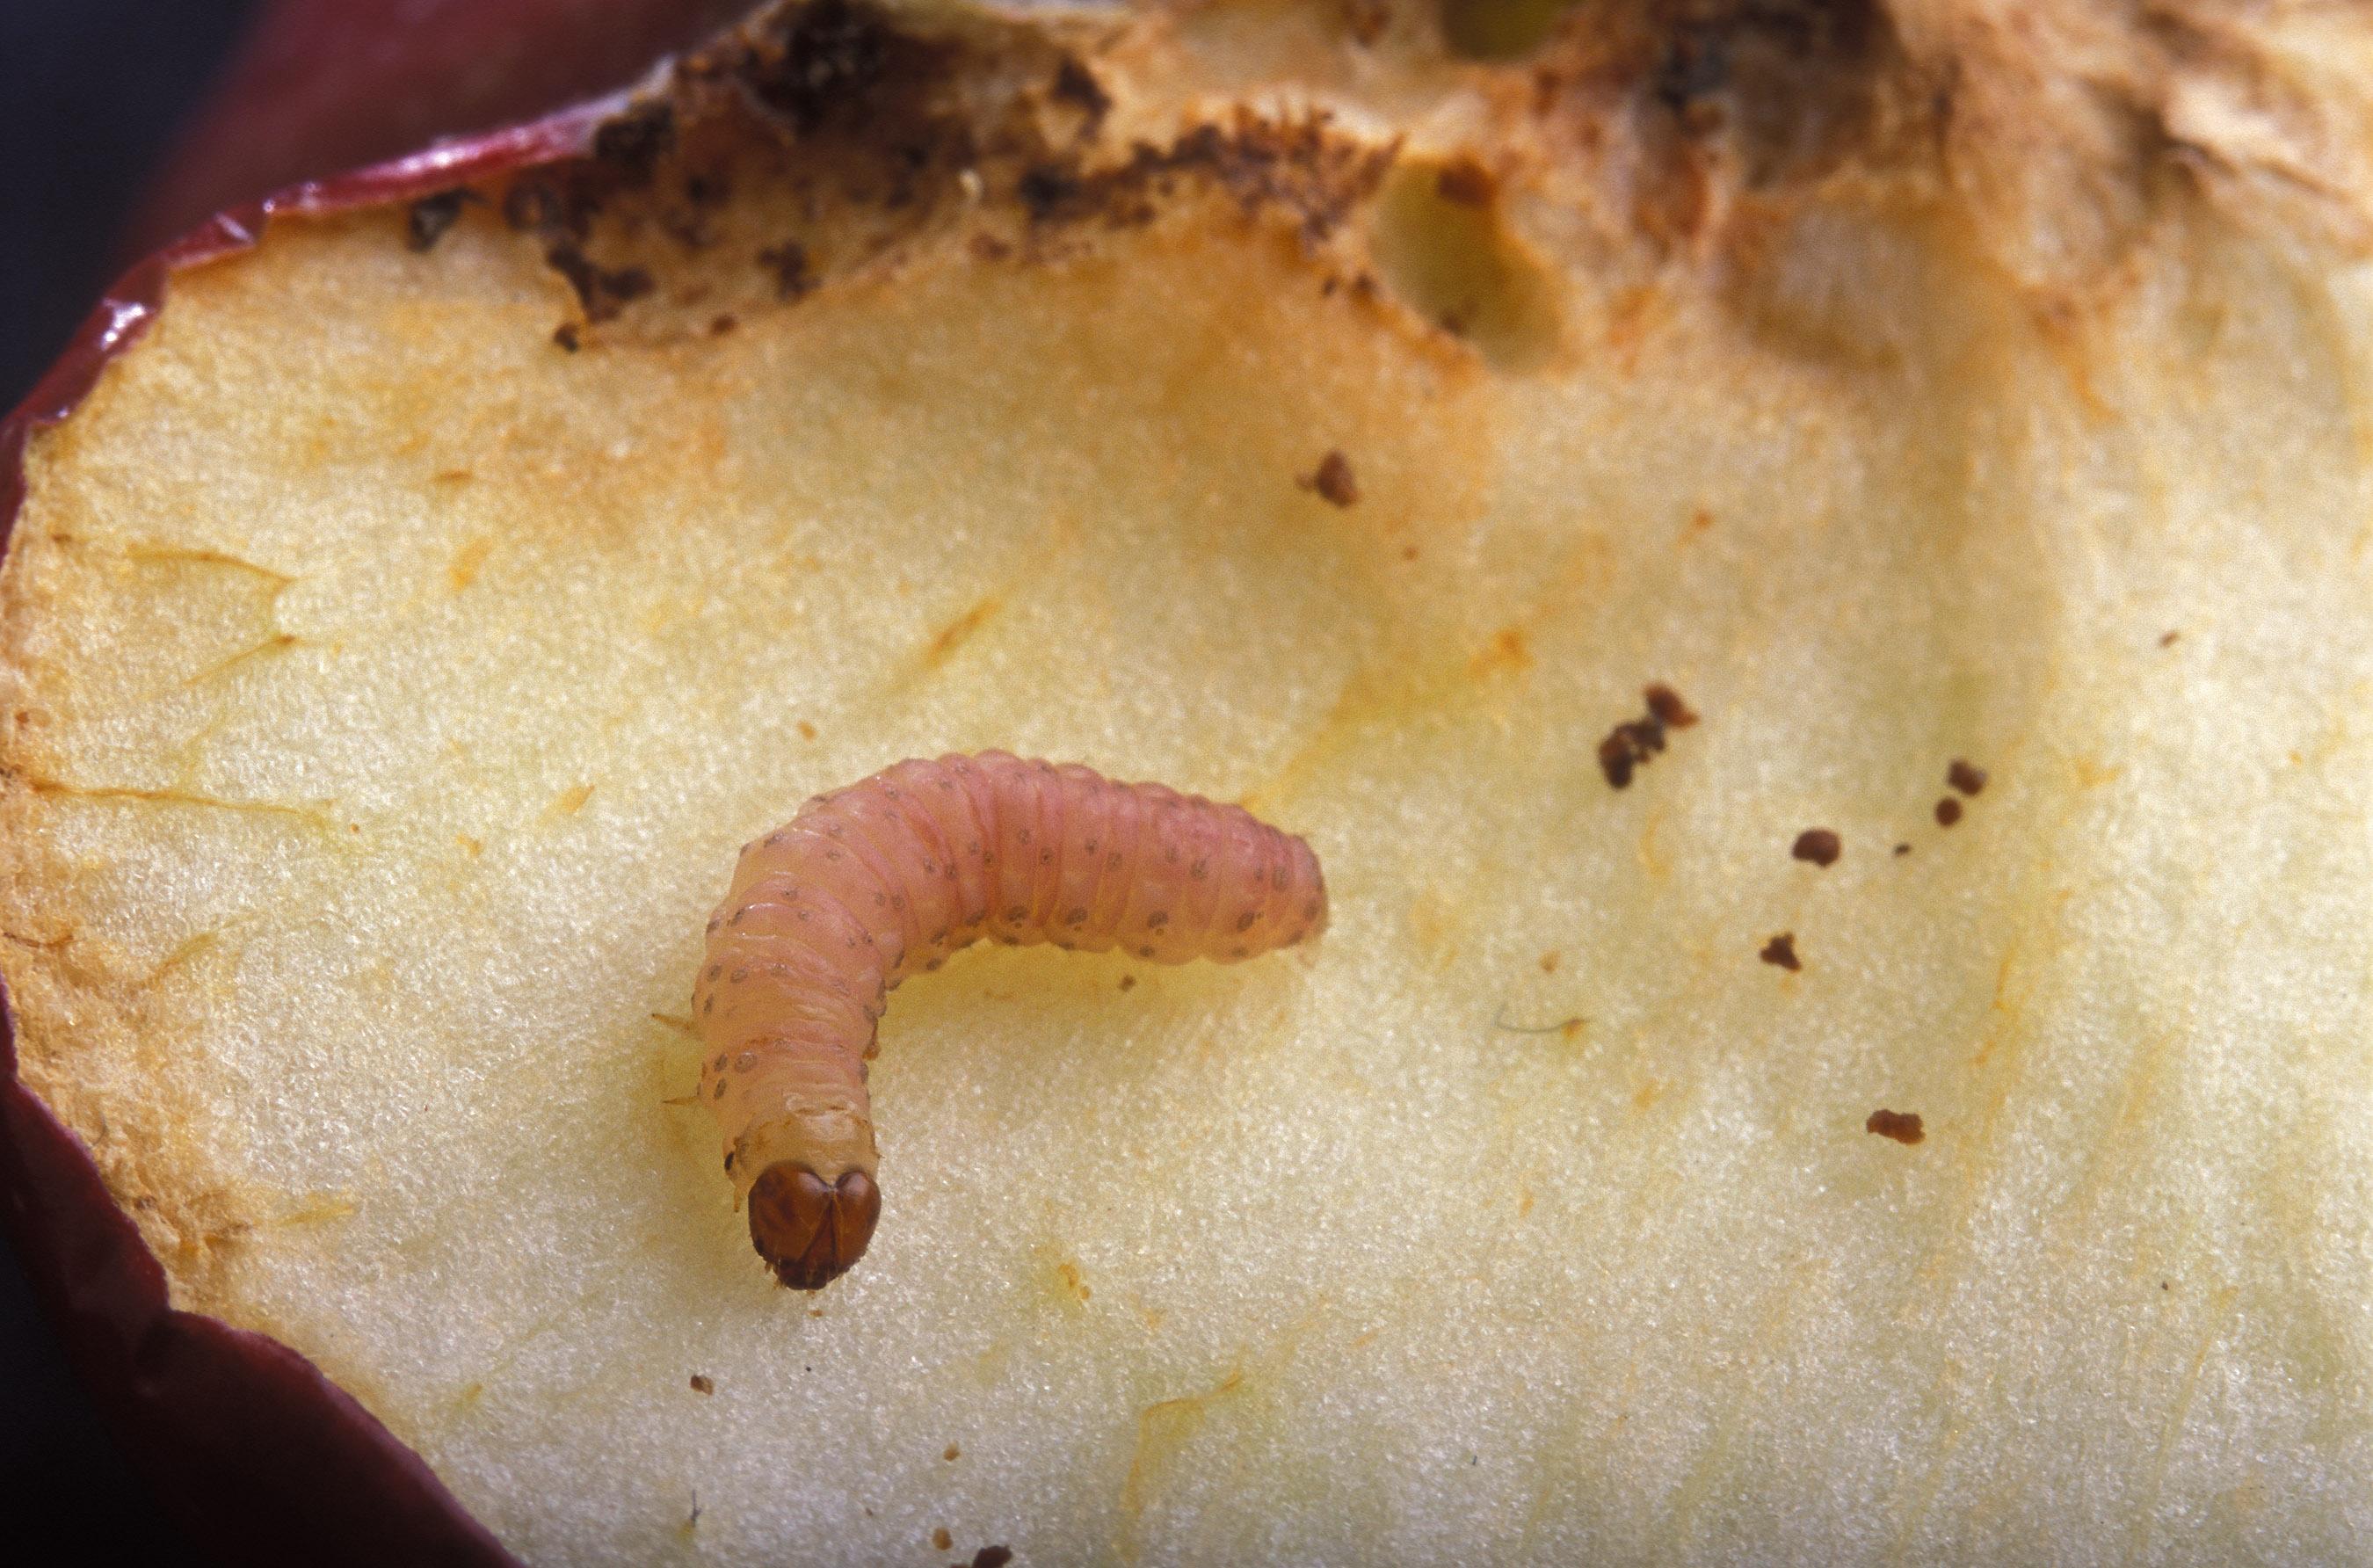 File Cydia pomonella larva jpg  Wikimedia Commons